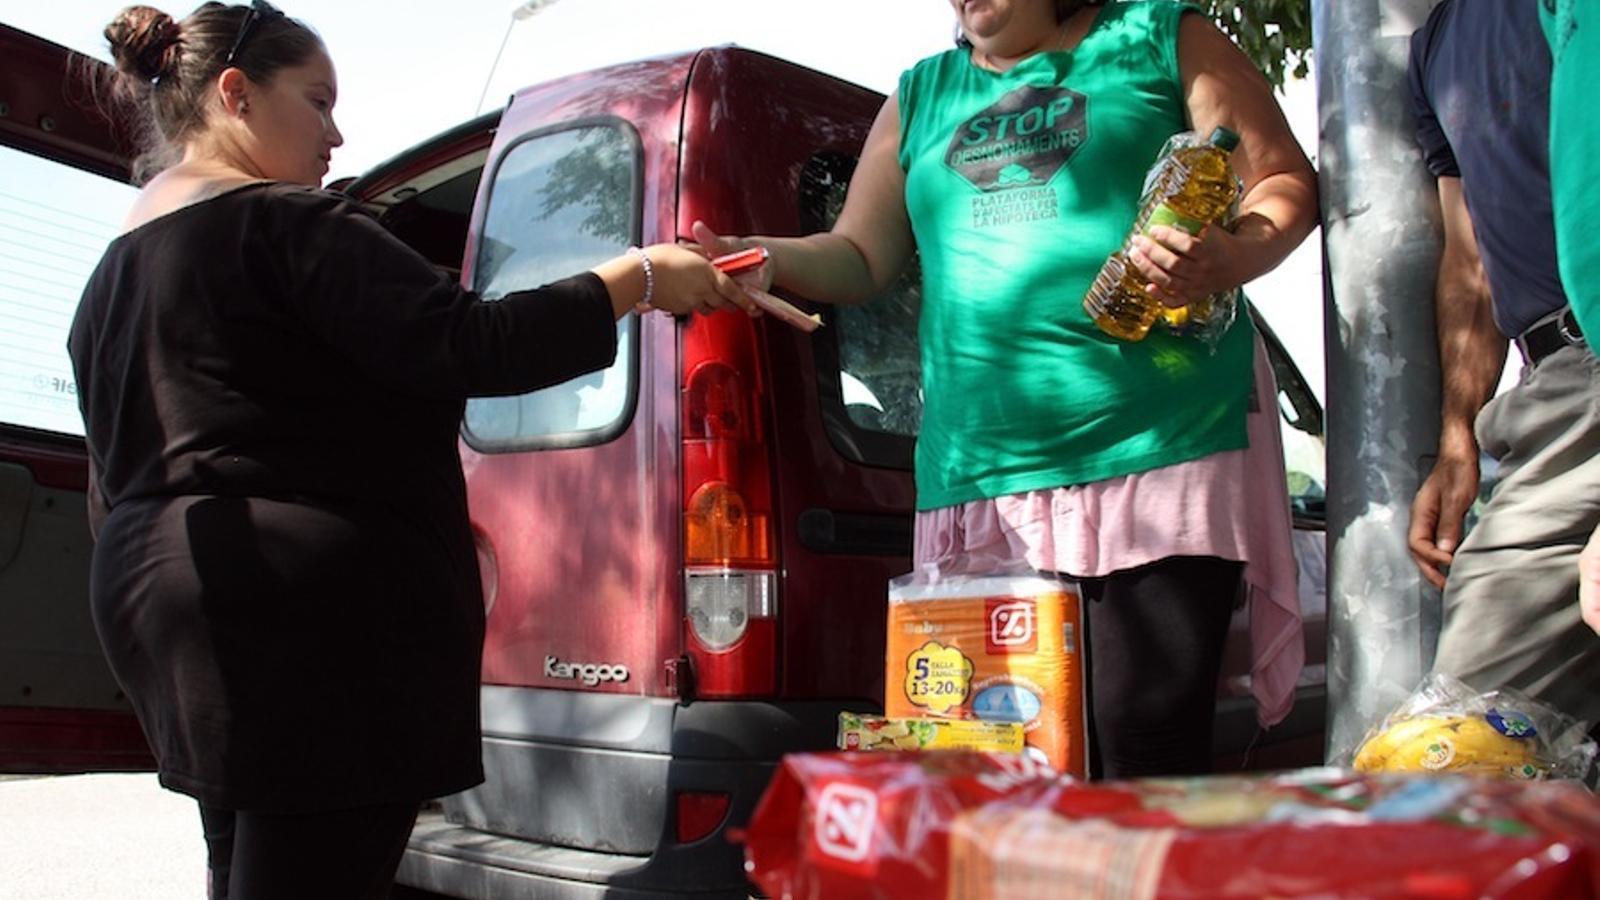 El grup que ha assaltat un supermercat de Vilafranca per agafar aliments per a famílies afectades per les hipoteques